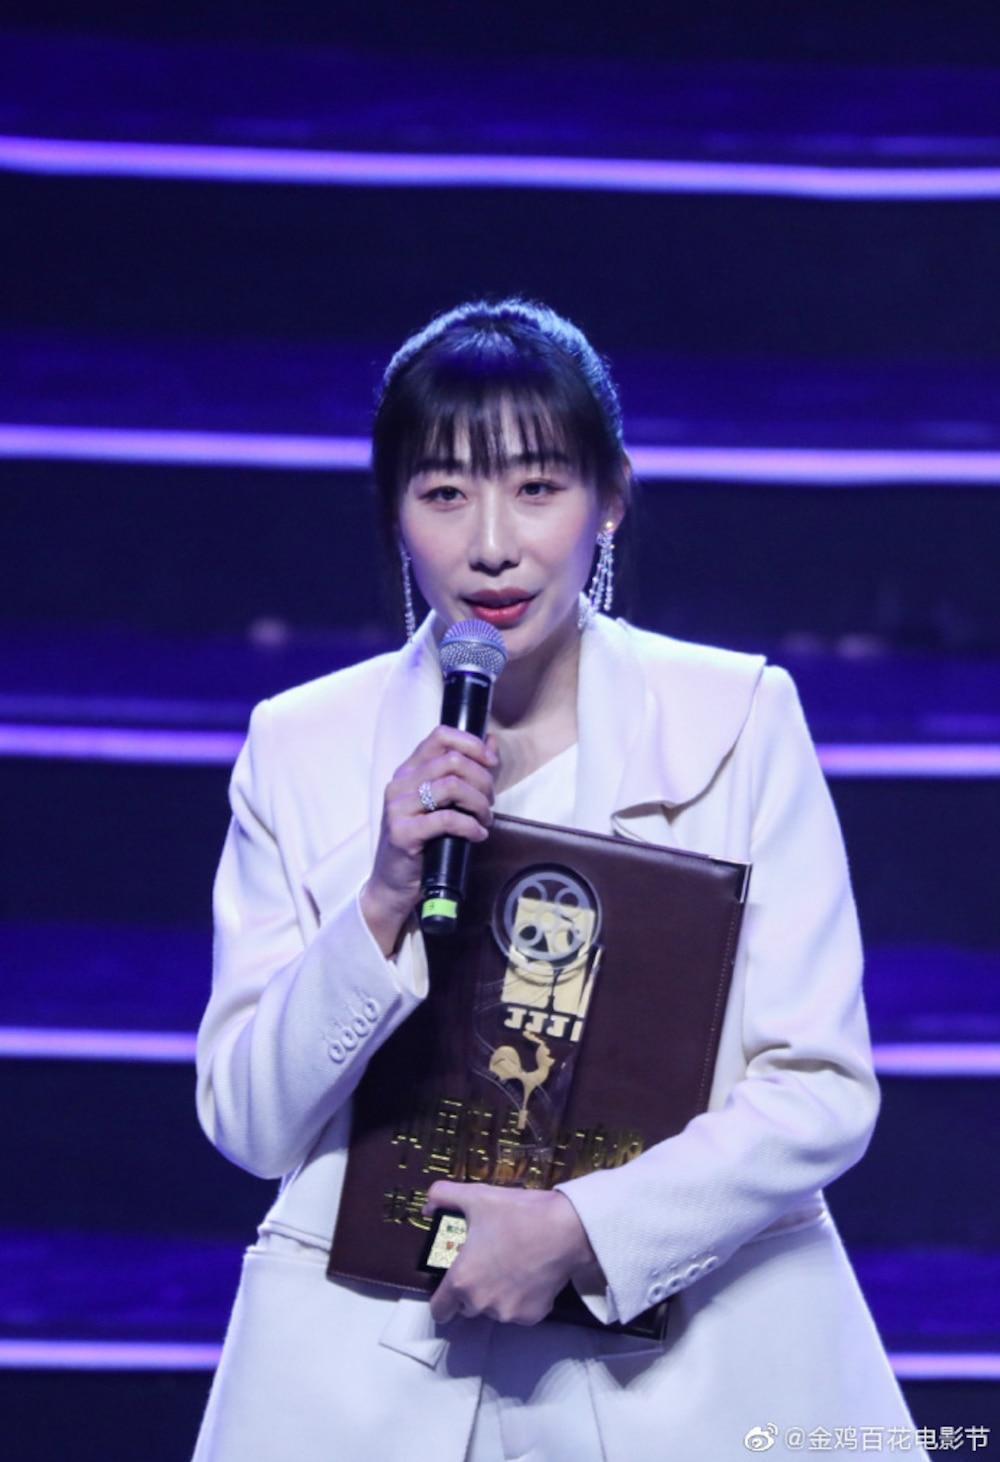 Dịch Dương Thiên Tỉ - Châu Đông Vũ cùng nhận thưởng đề cử, Huỳnh Hiểu Minh phát biểu gây chú ý Ảnh 16